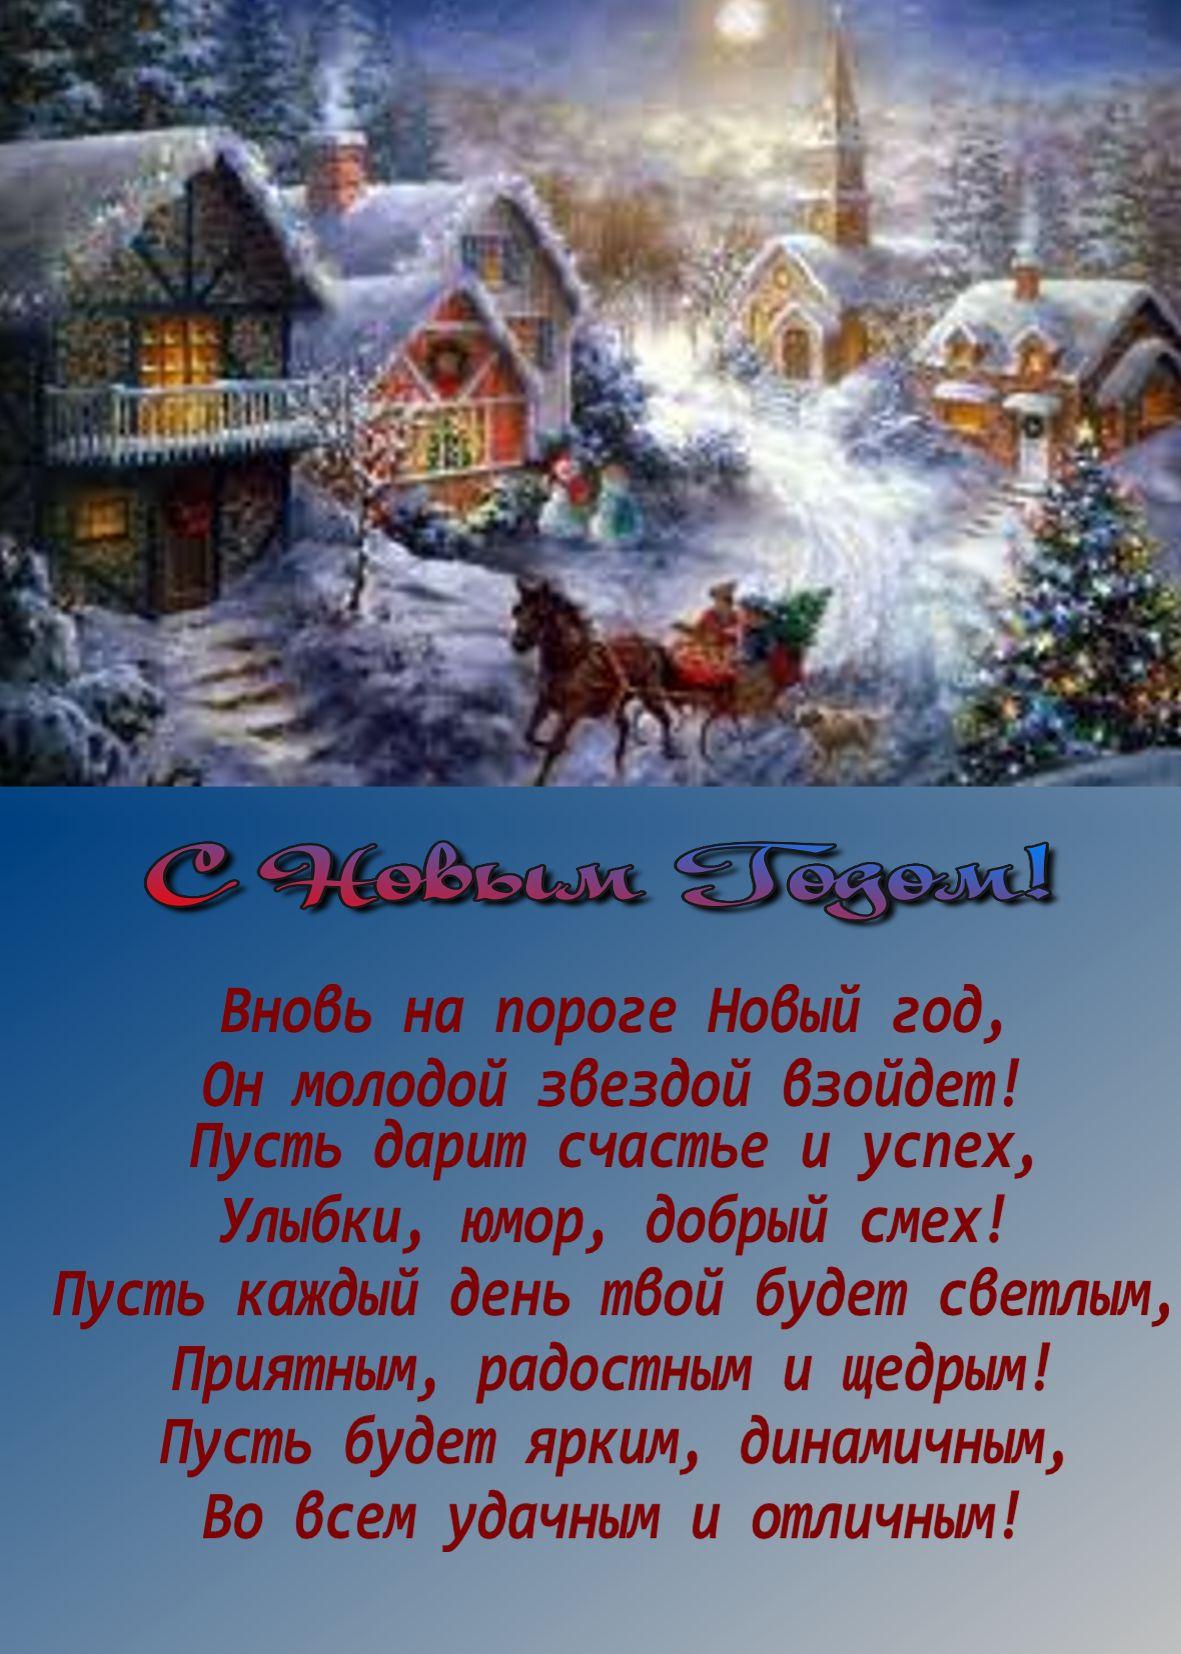 Новогоднее поздравление банковских работников4